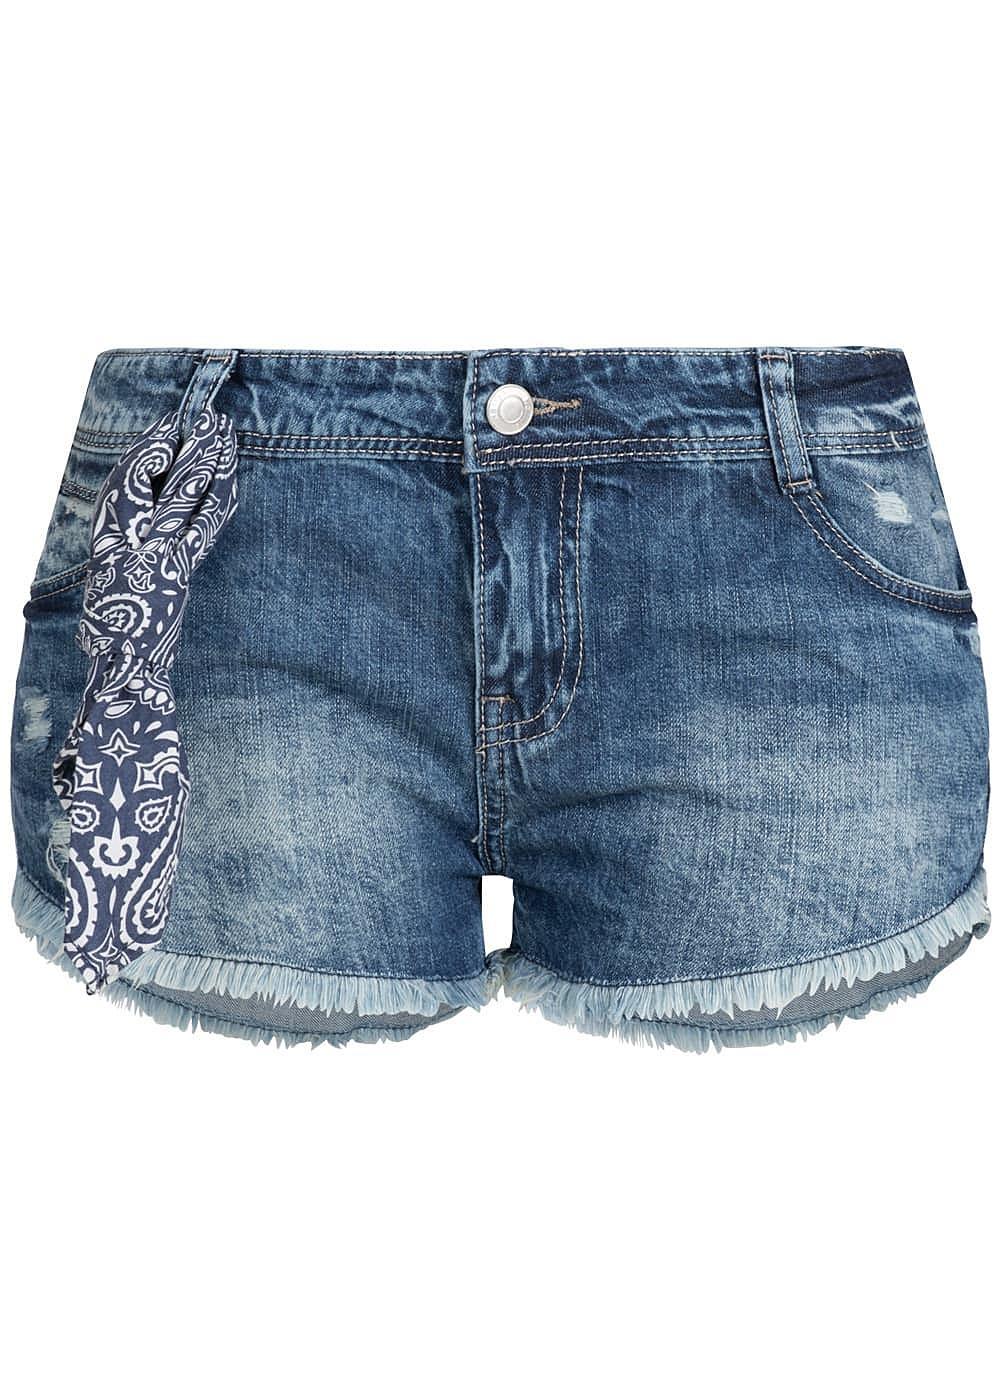 hailys damen jeans short fransen mit bandana 5 pocket. Black Bedroom Furniture Sets. Home Design Ideas